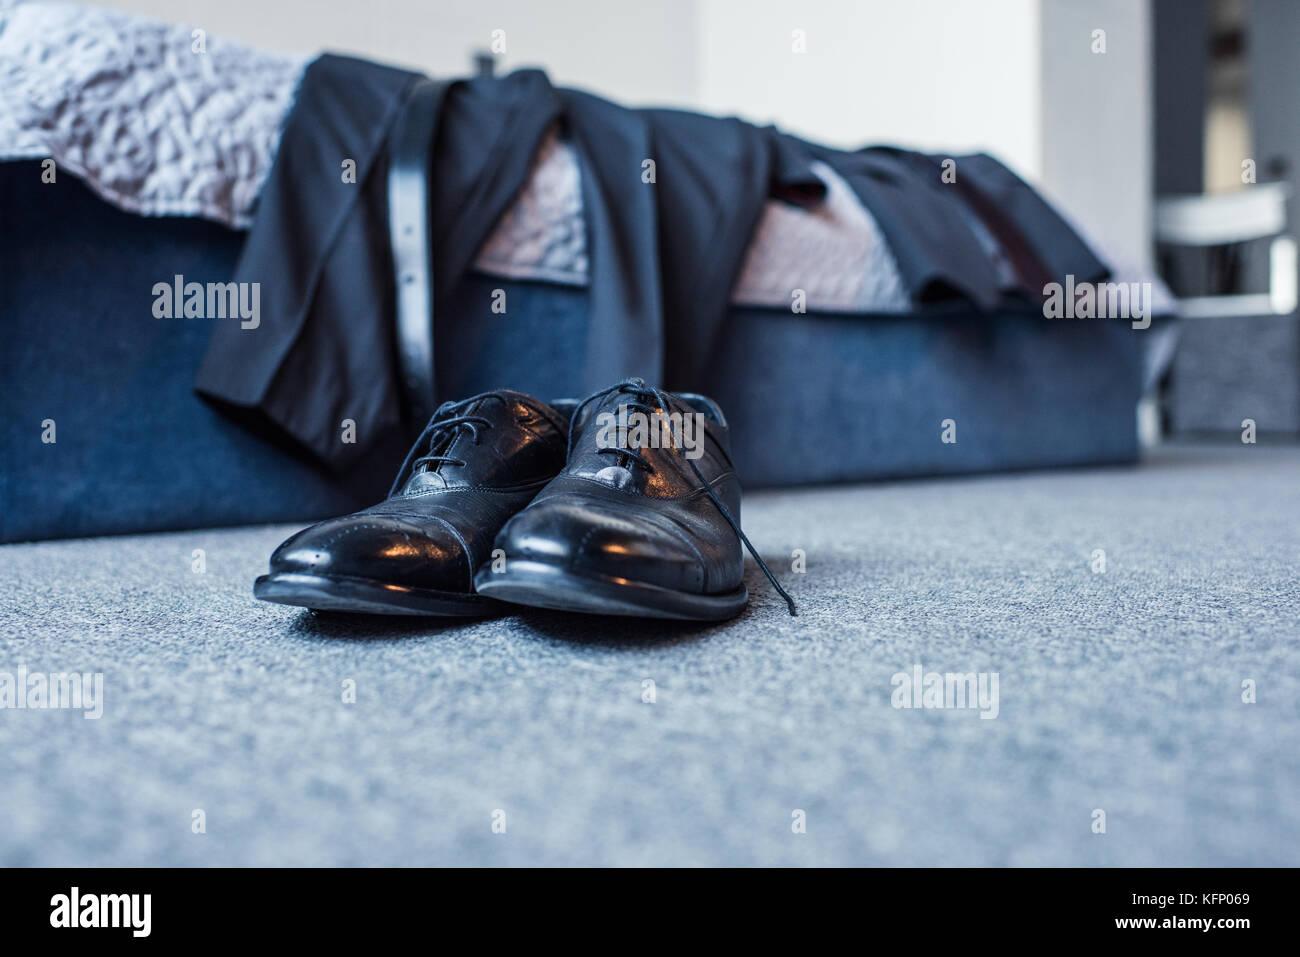 Formale Kleidung auf dem Bett und Schuhe aus Leder Stockbild